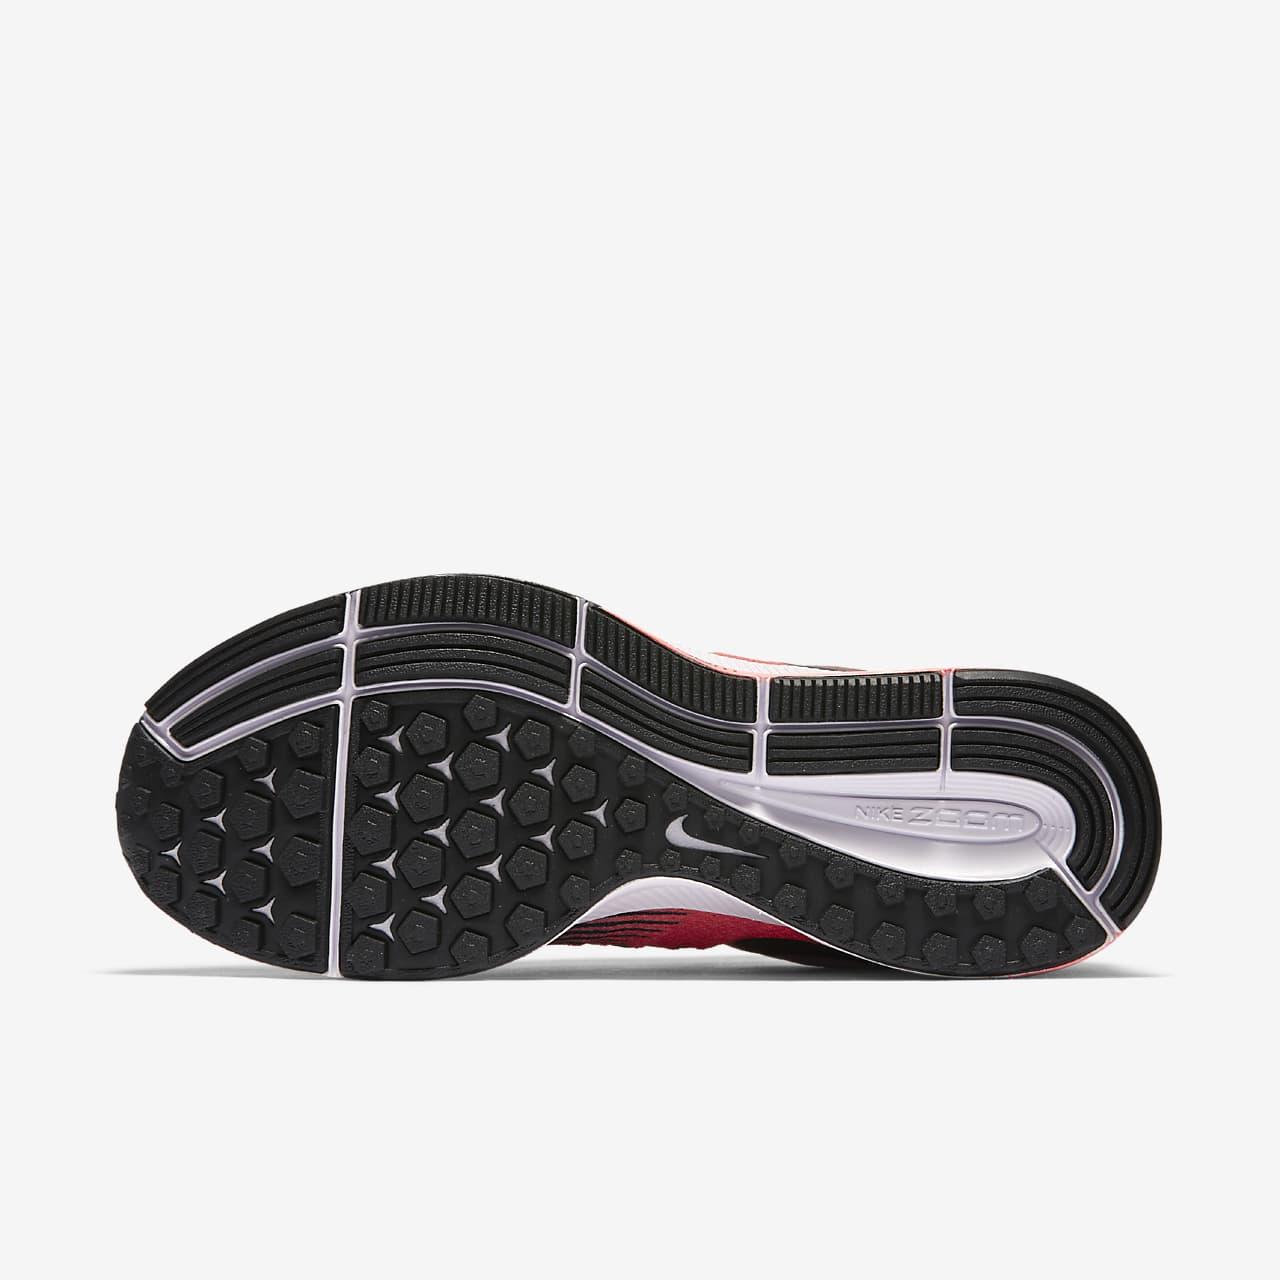 Nike Air Zoom Pegasus 33 Women's